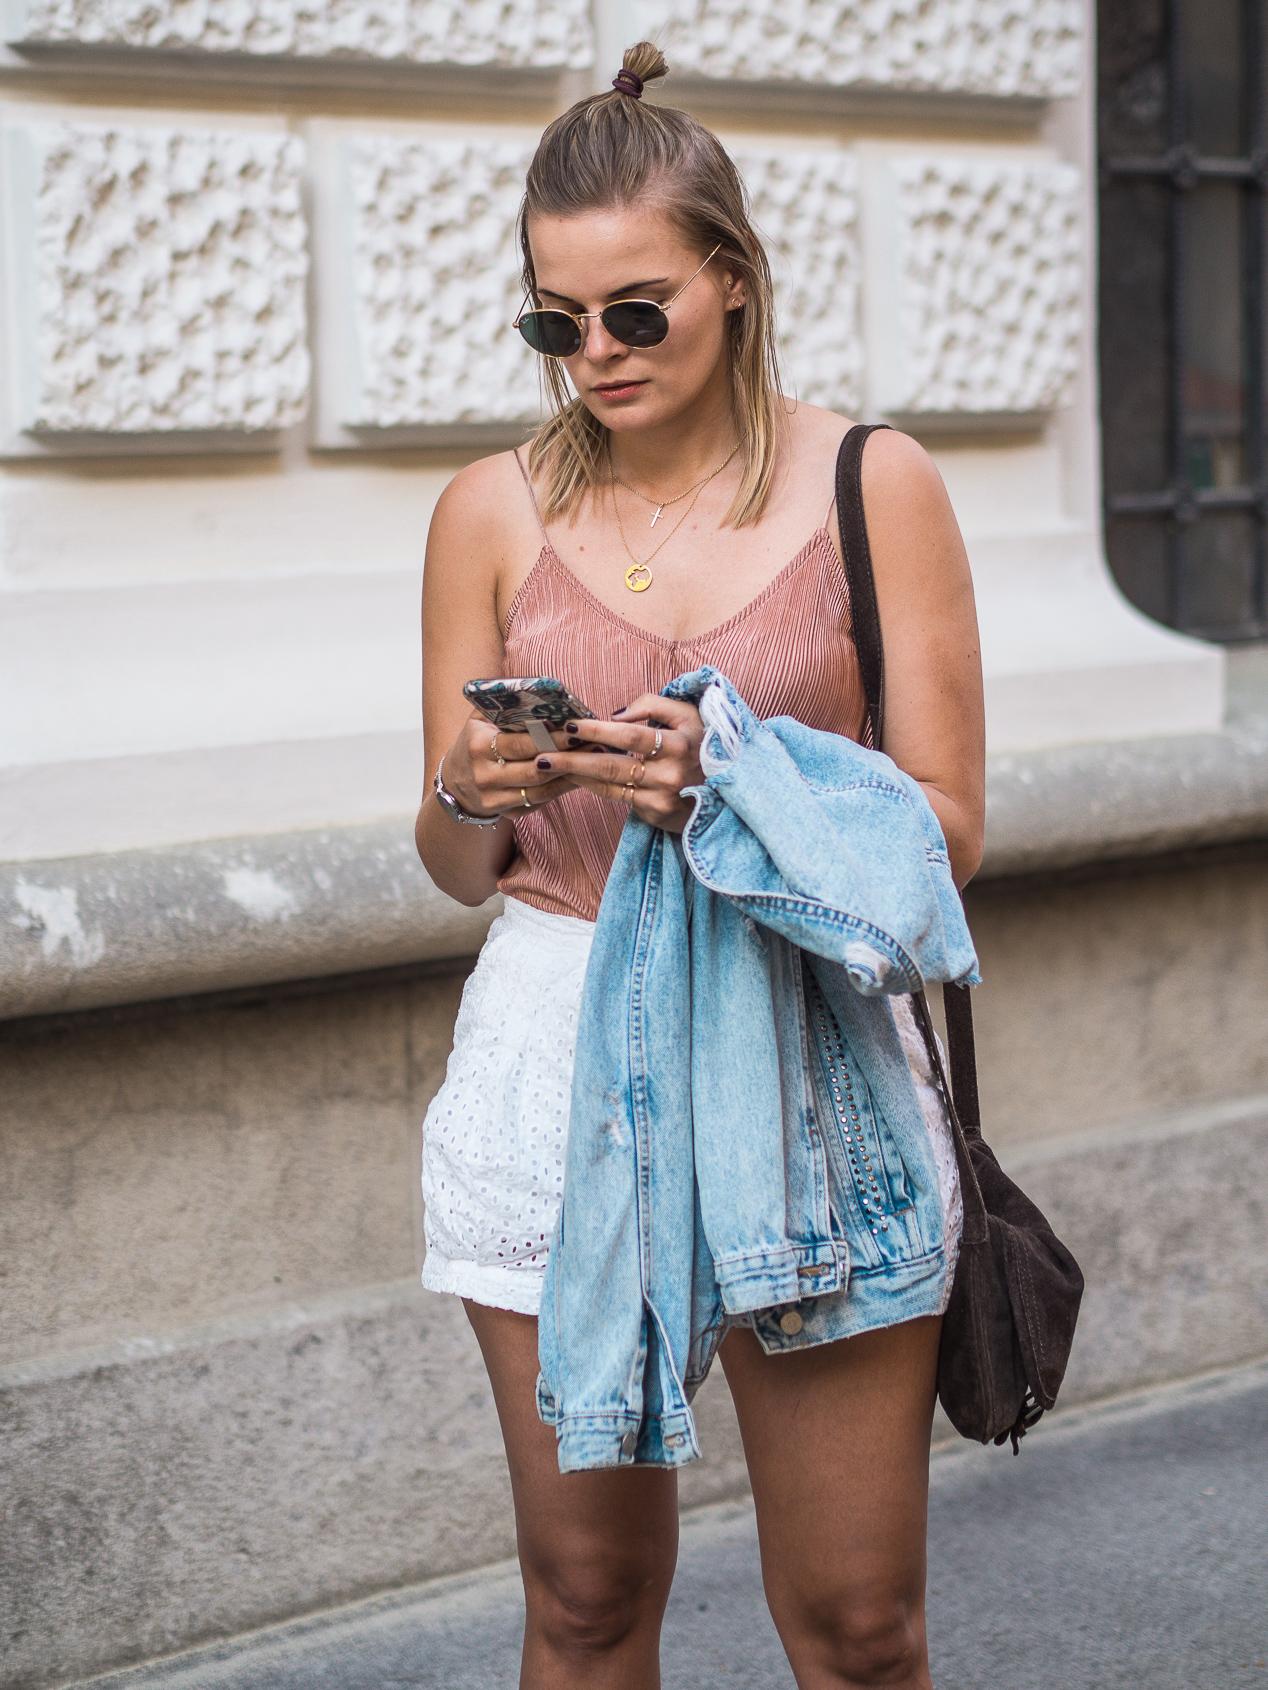 Short, Femme, Short outfit, high waisted shorts, outfit ideen sommer, jeansjacke aufpeppen, jeansjacke ideen, jeansjacke kombinieren, www.lakatyfox.com